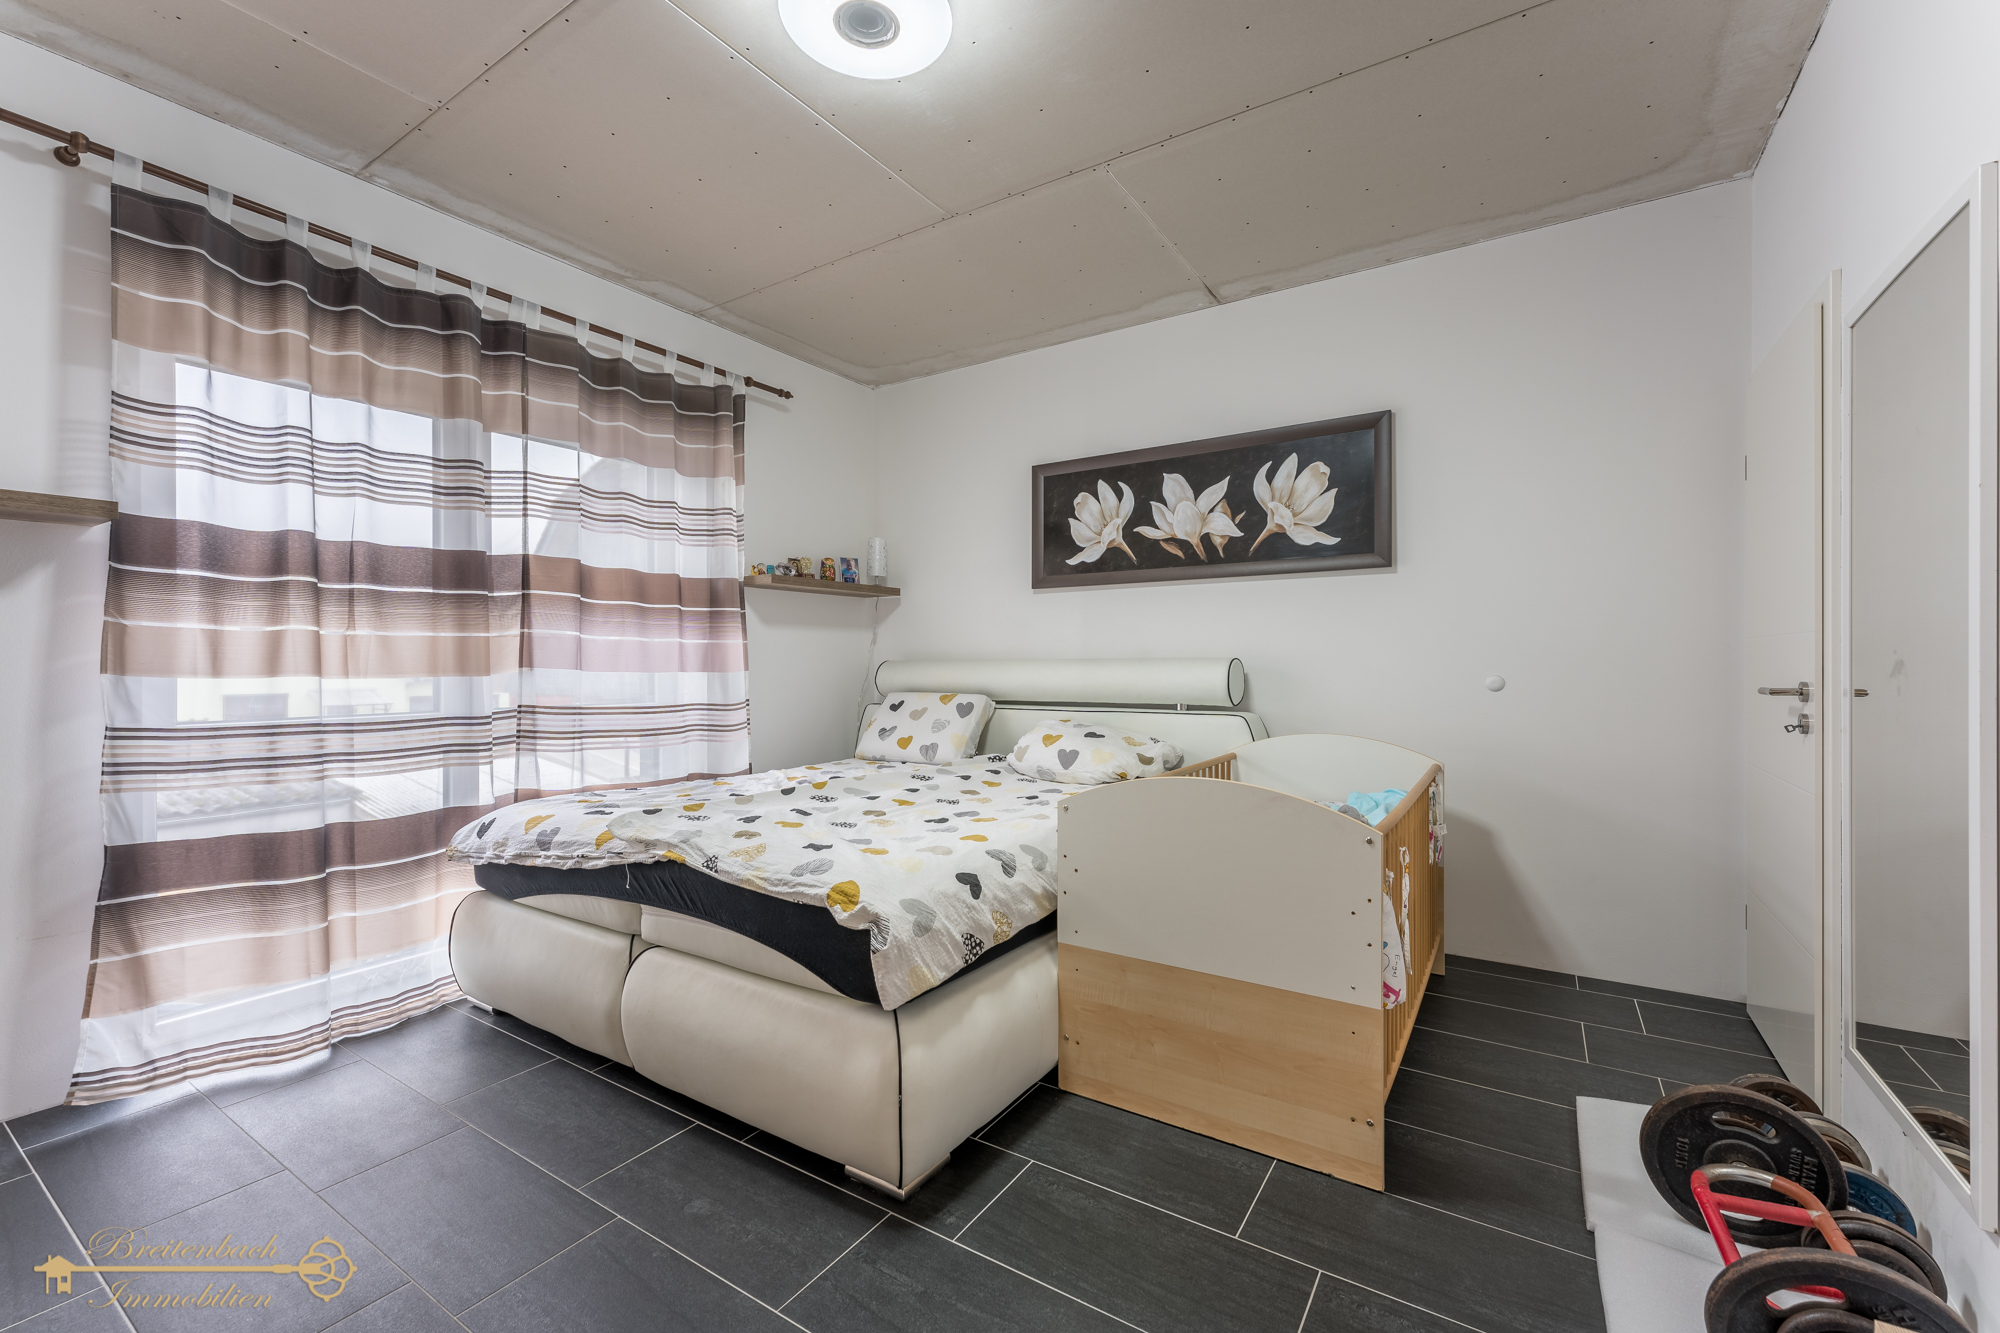 2021-01-24-Breitenbach-Immobilien-12